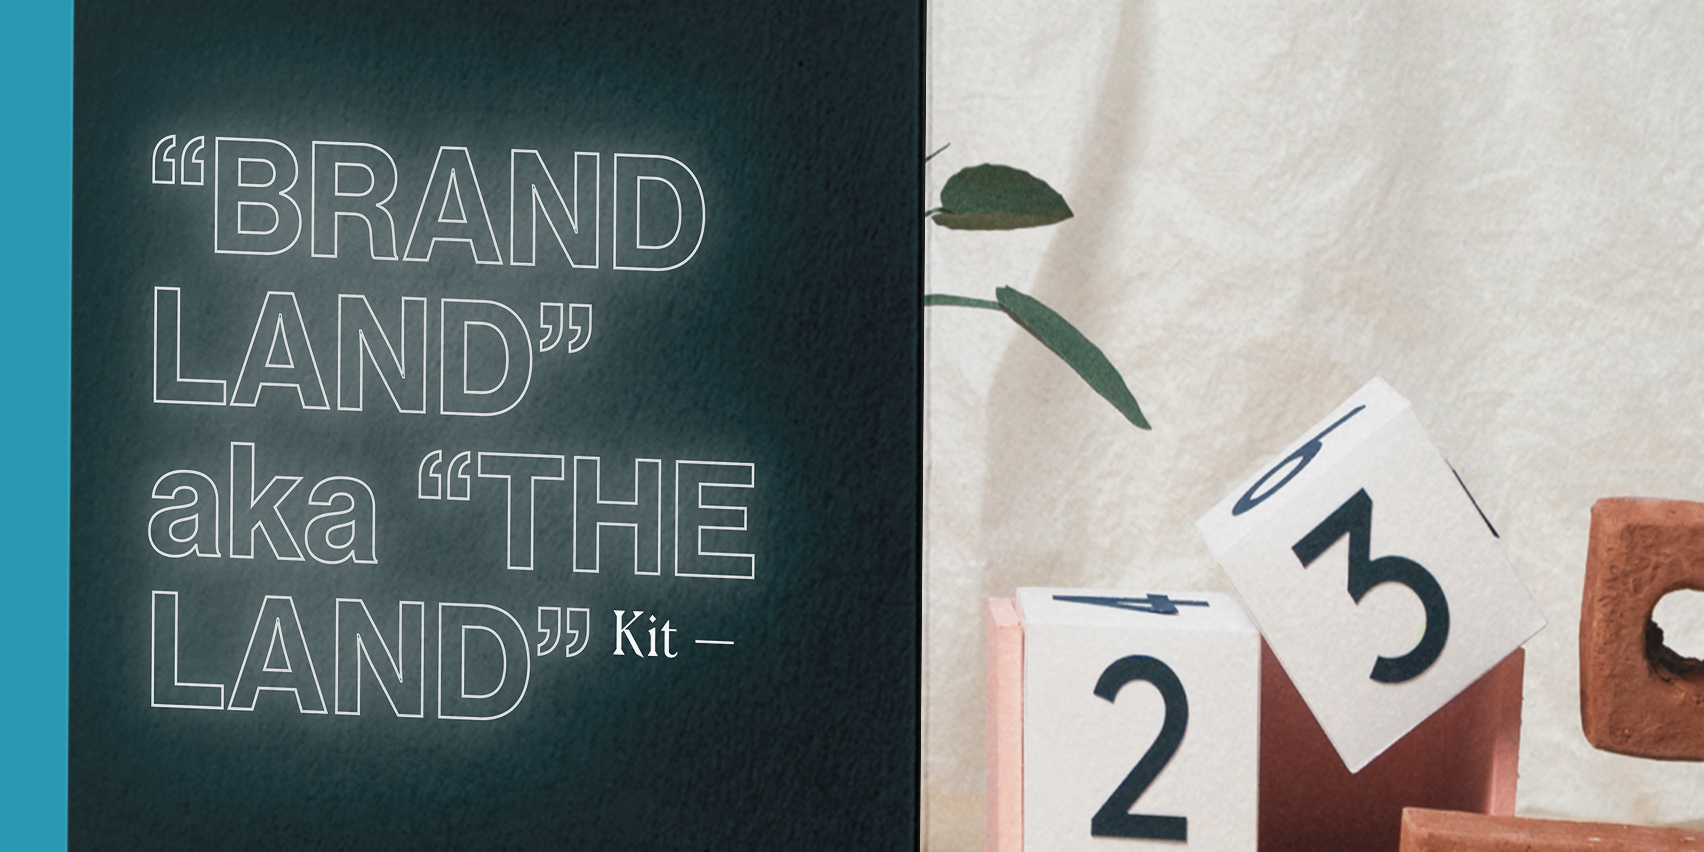 Brandland kit.